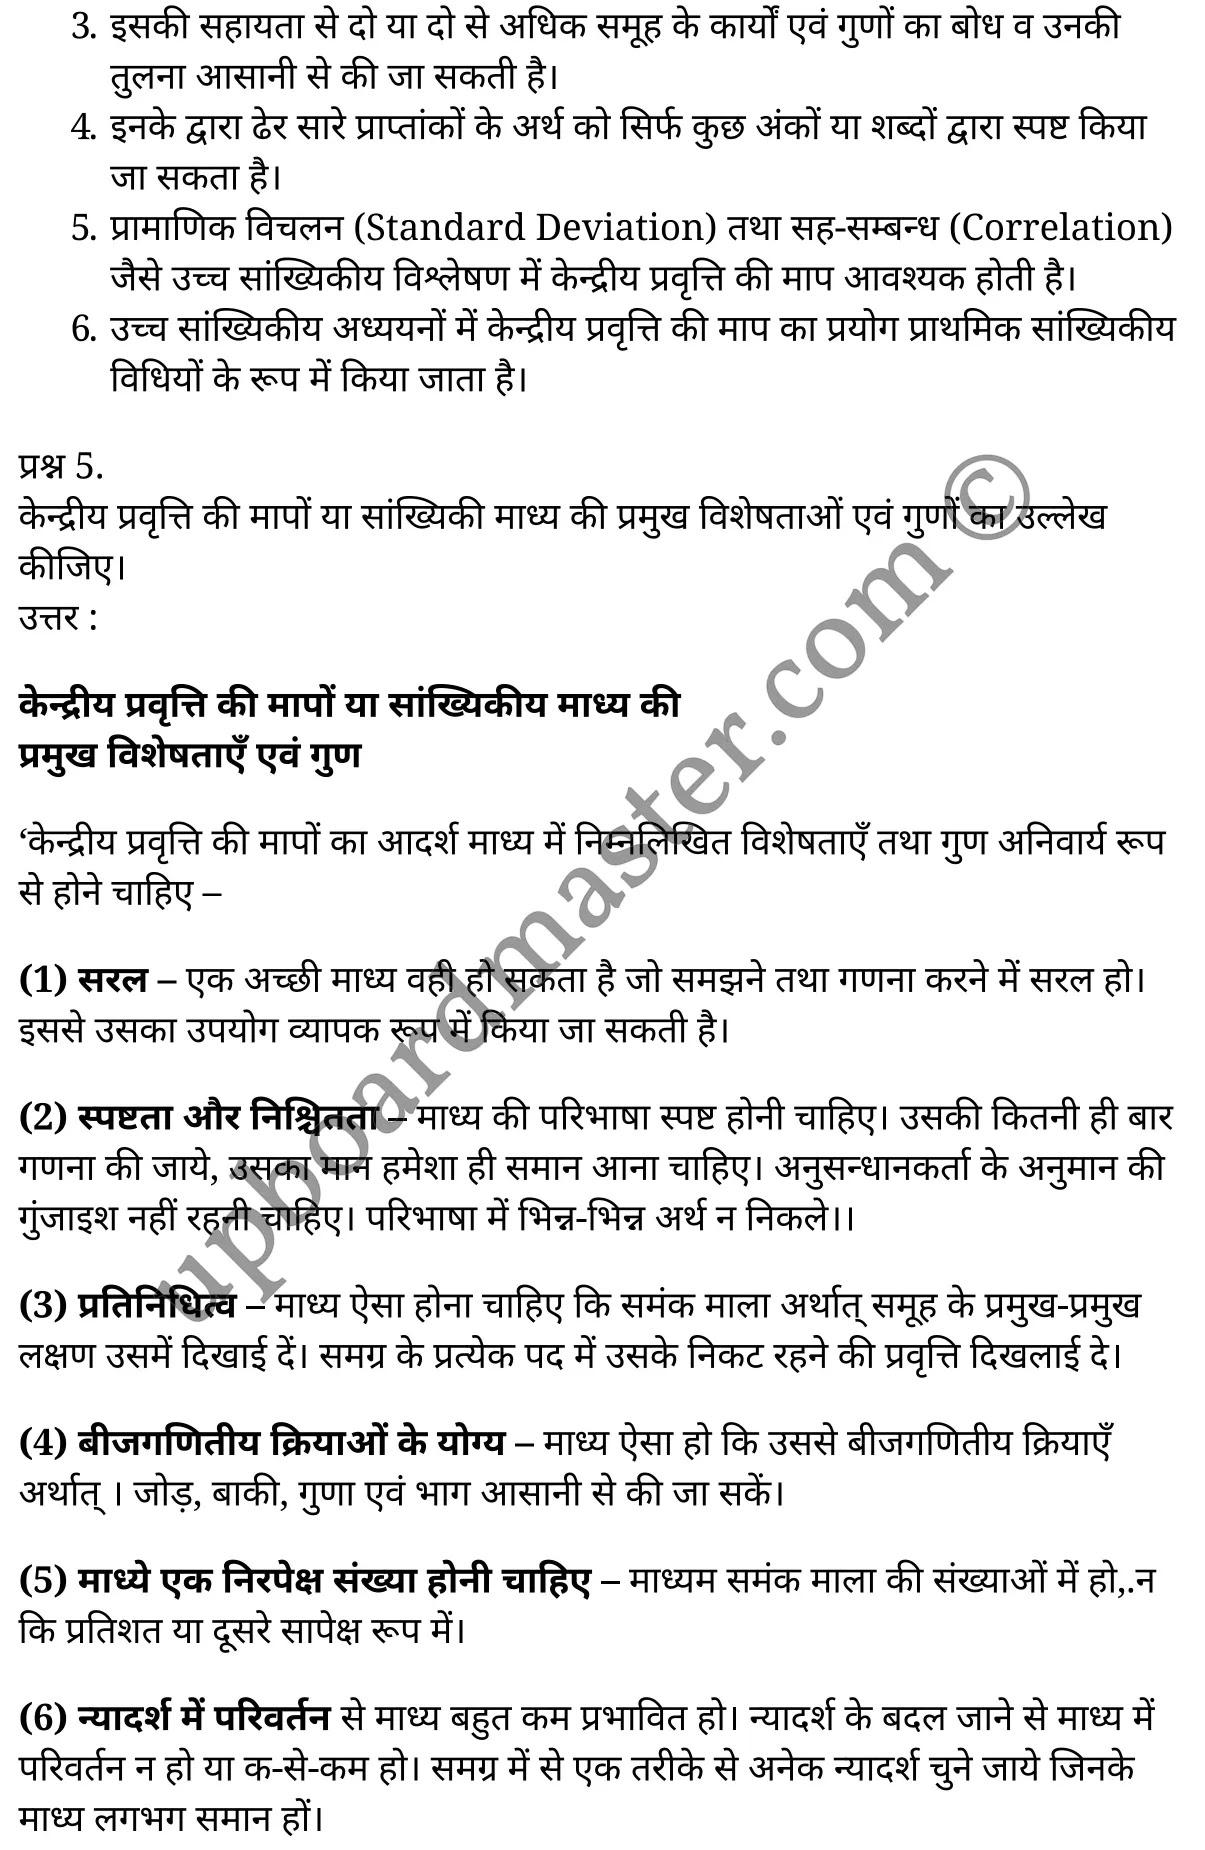 class 11 psychology chapter 12 hindi 59